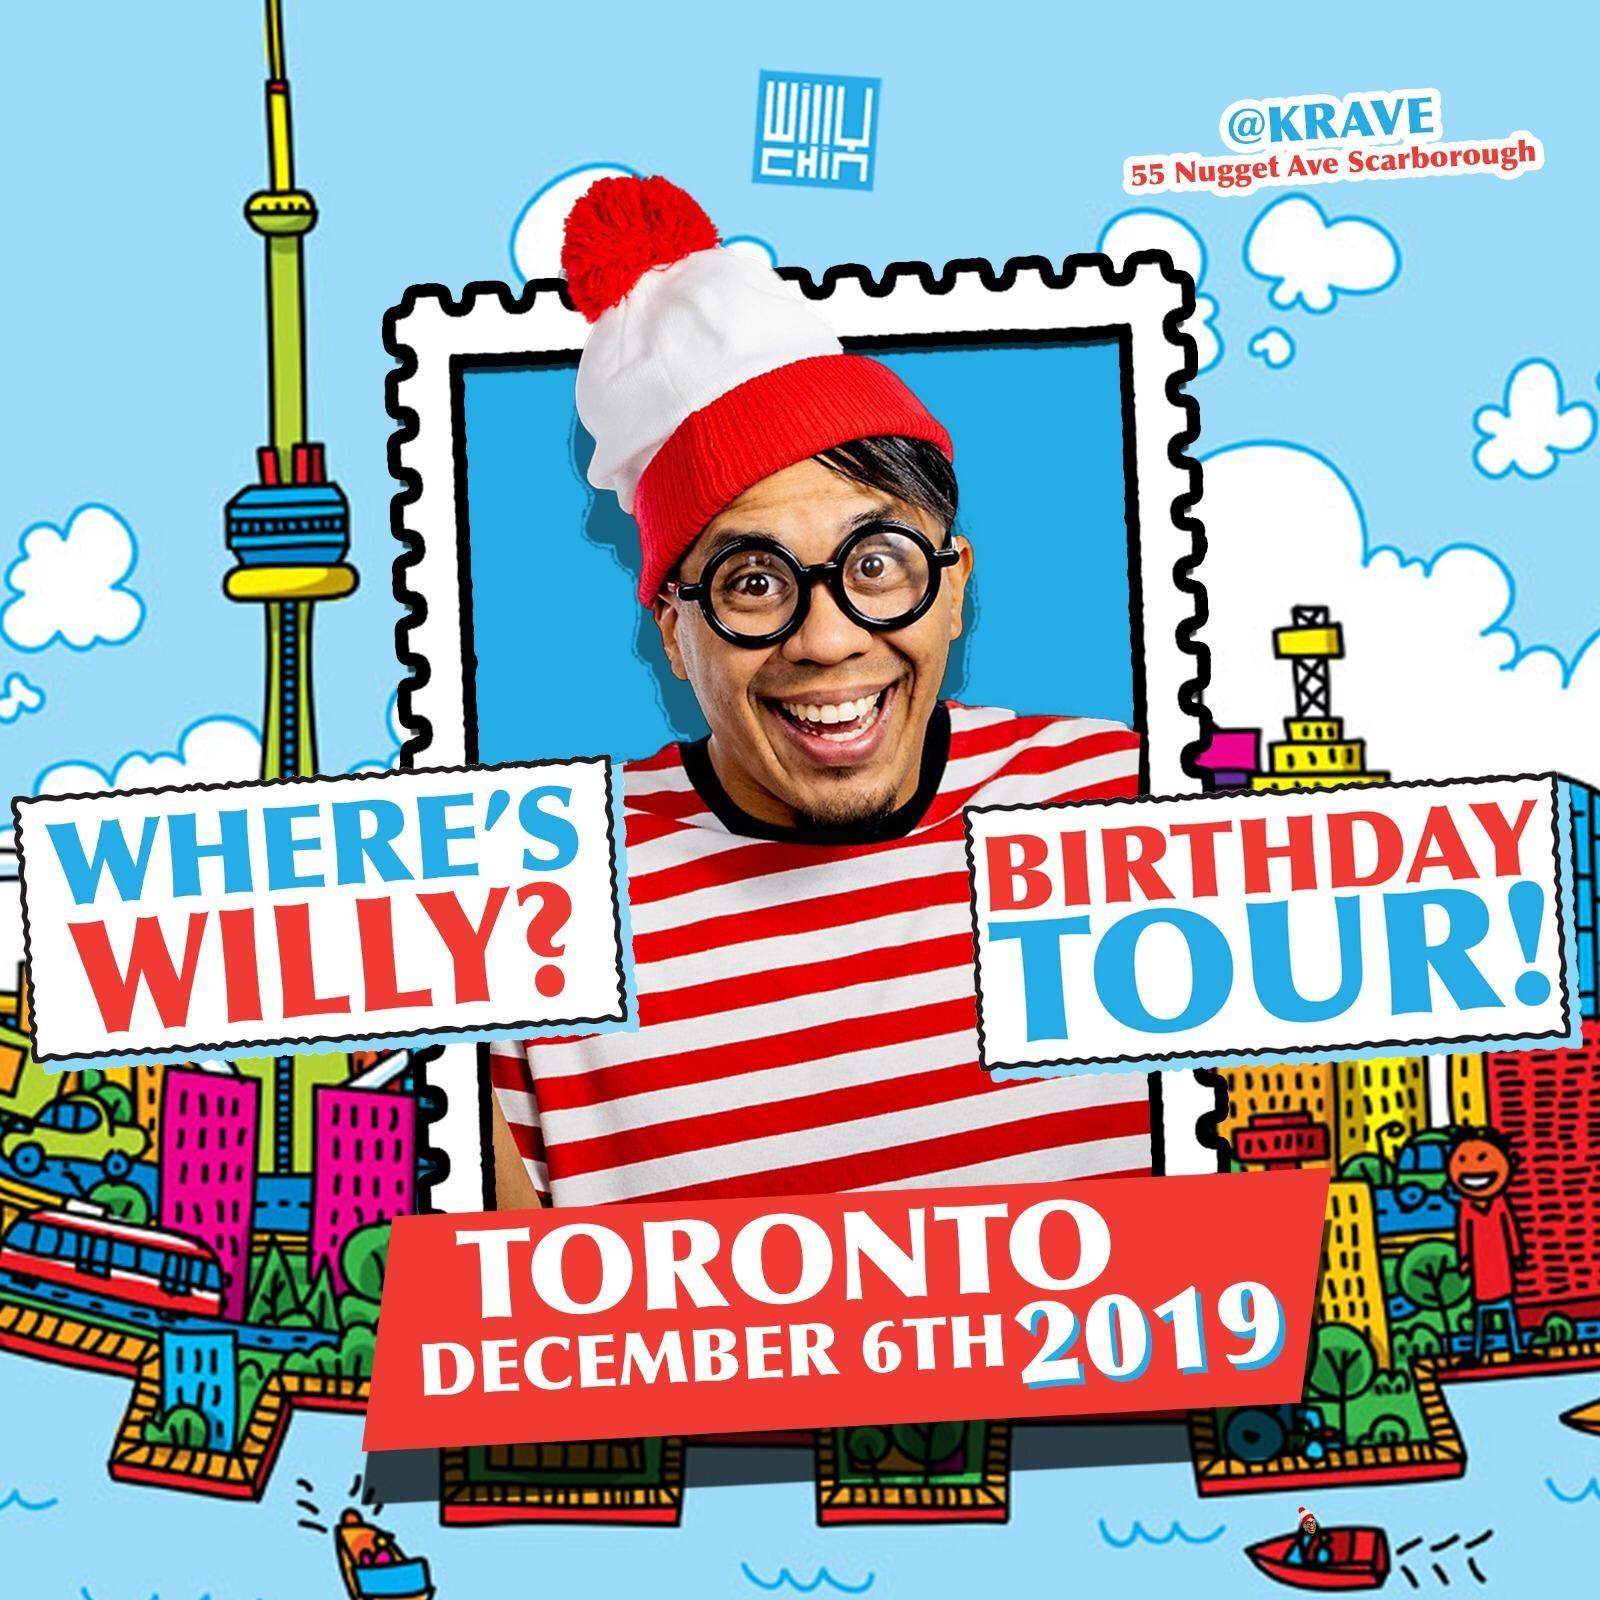 Where's Willy - Birthday Tour